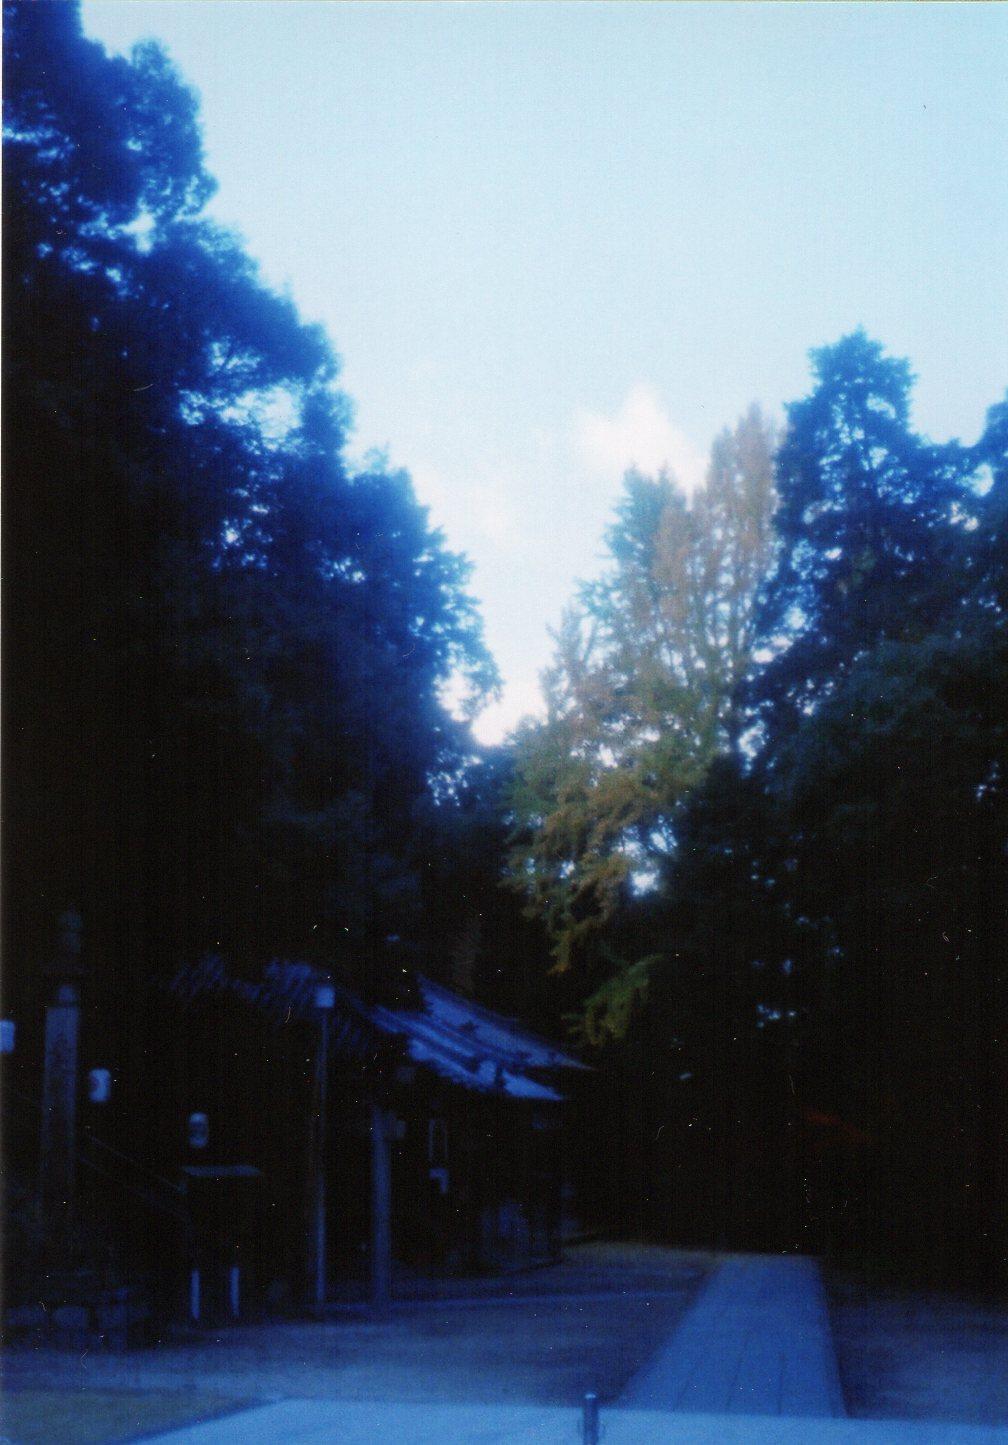 f0190009_1483485.jpg